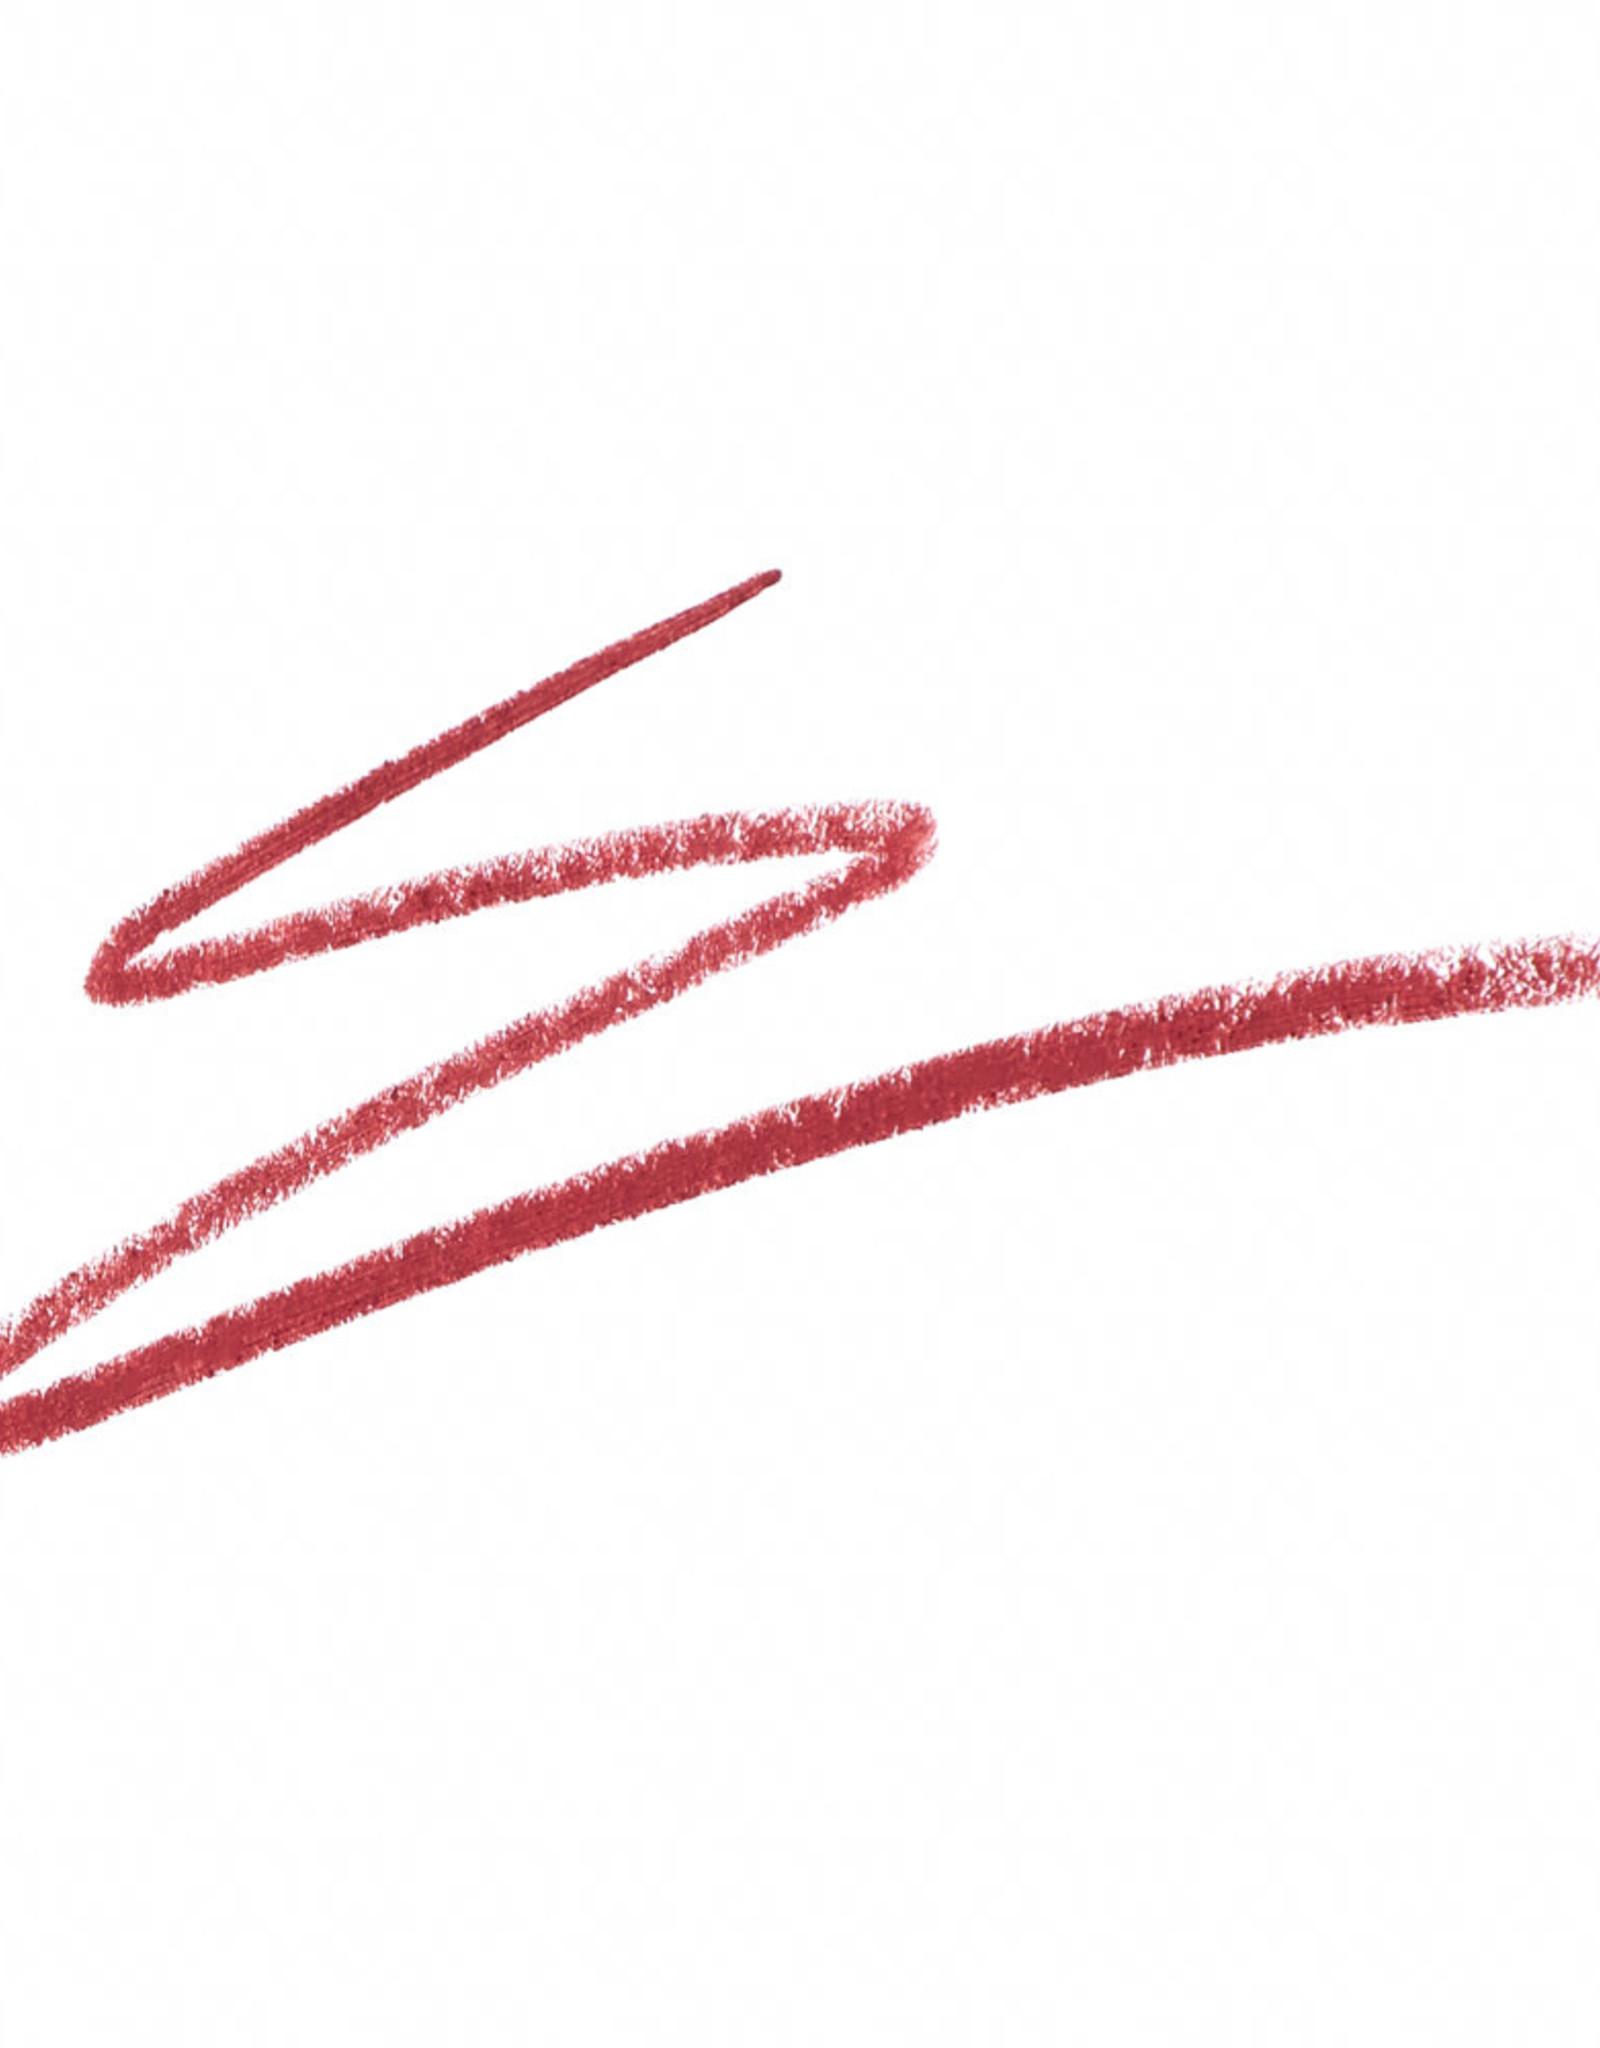 Ben Nye LIP COLOR PENCIL, MYSTIC PLUM, .065 OZ